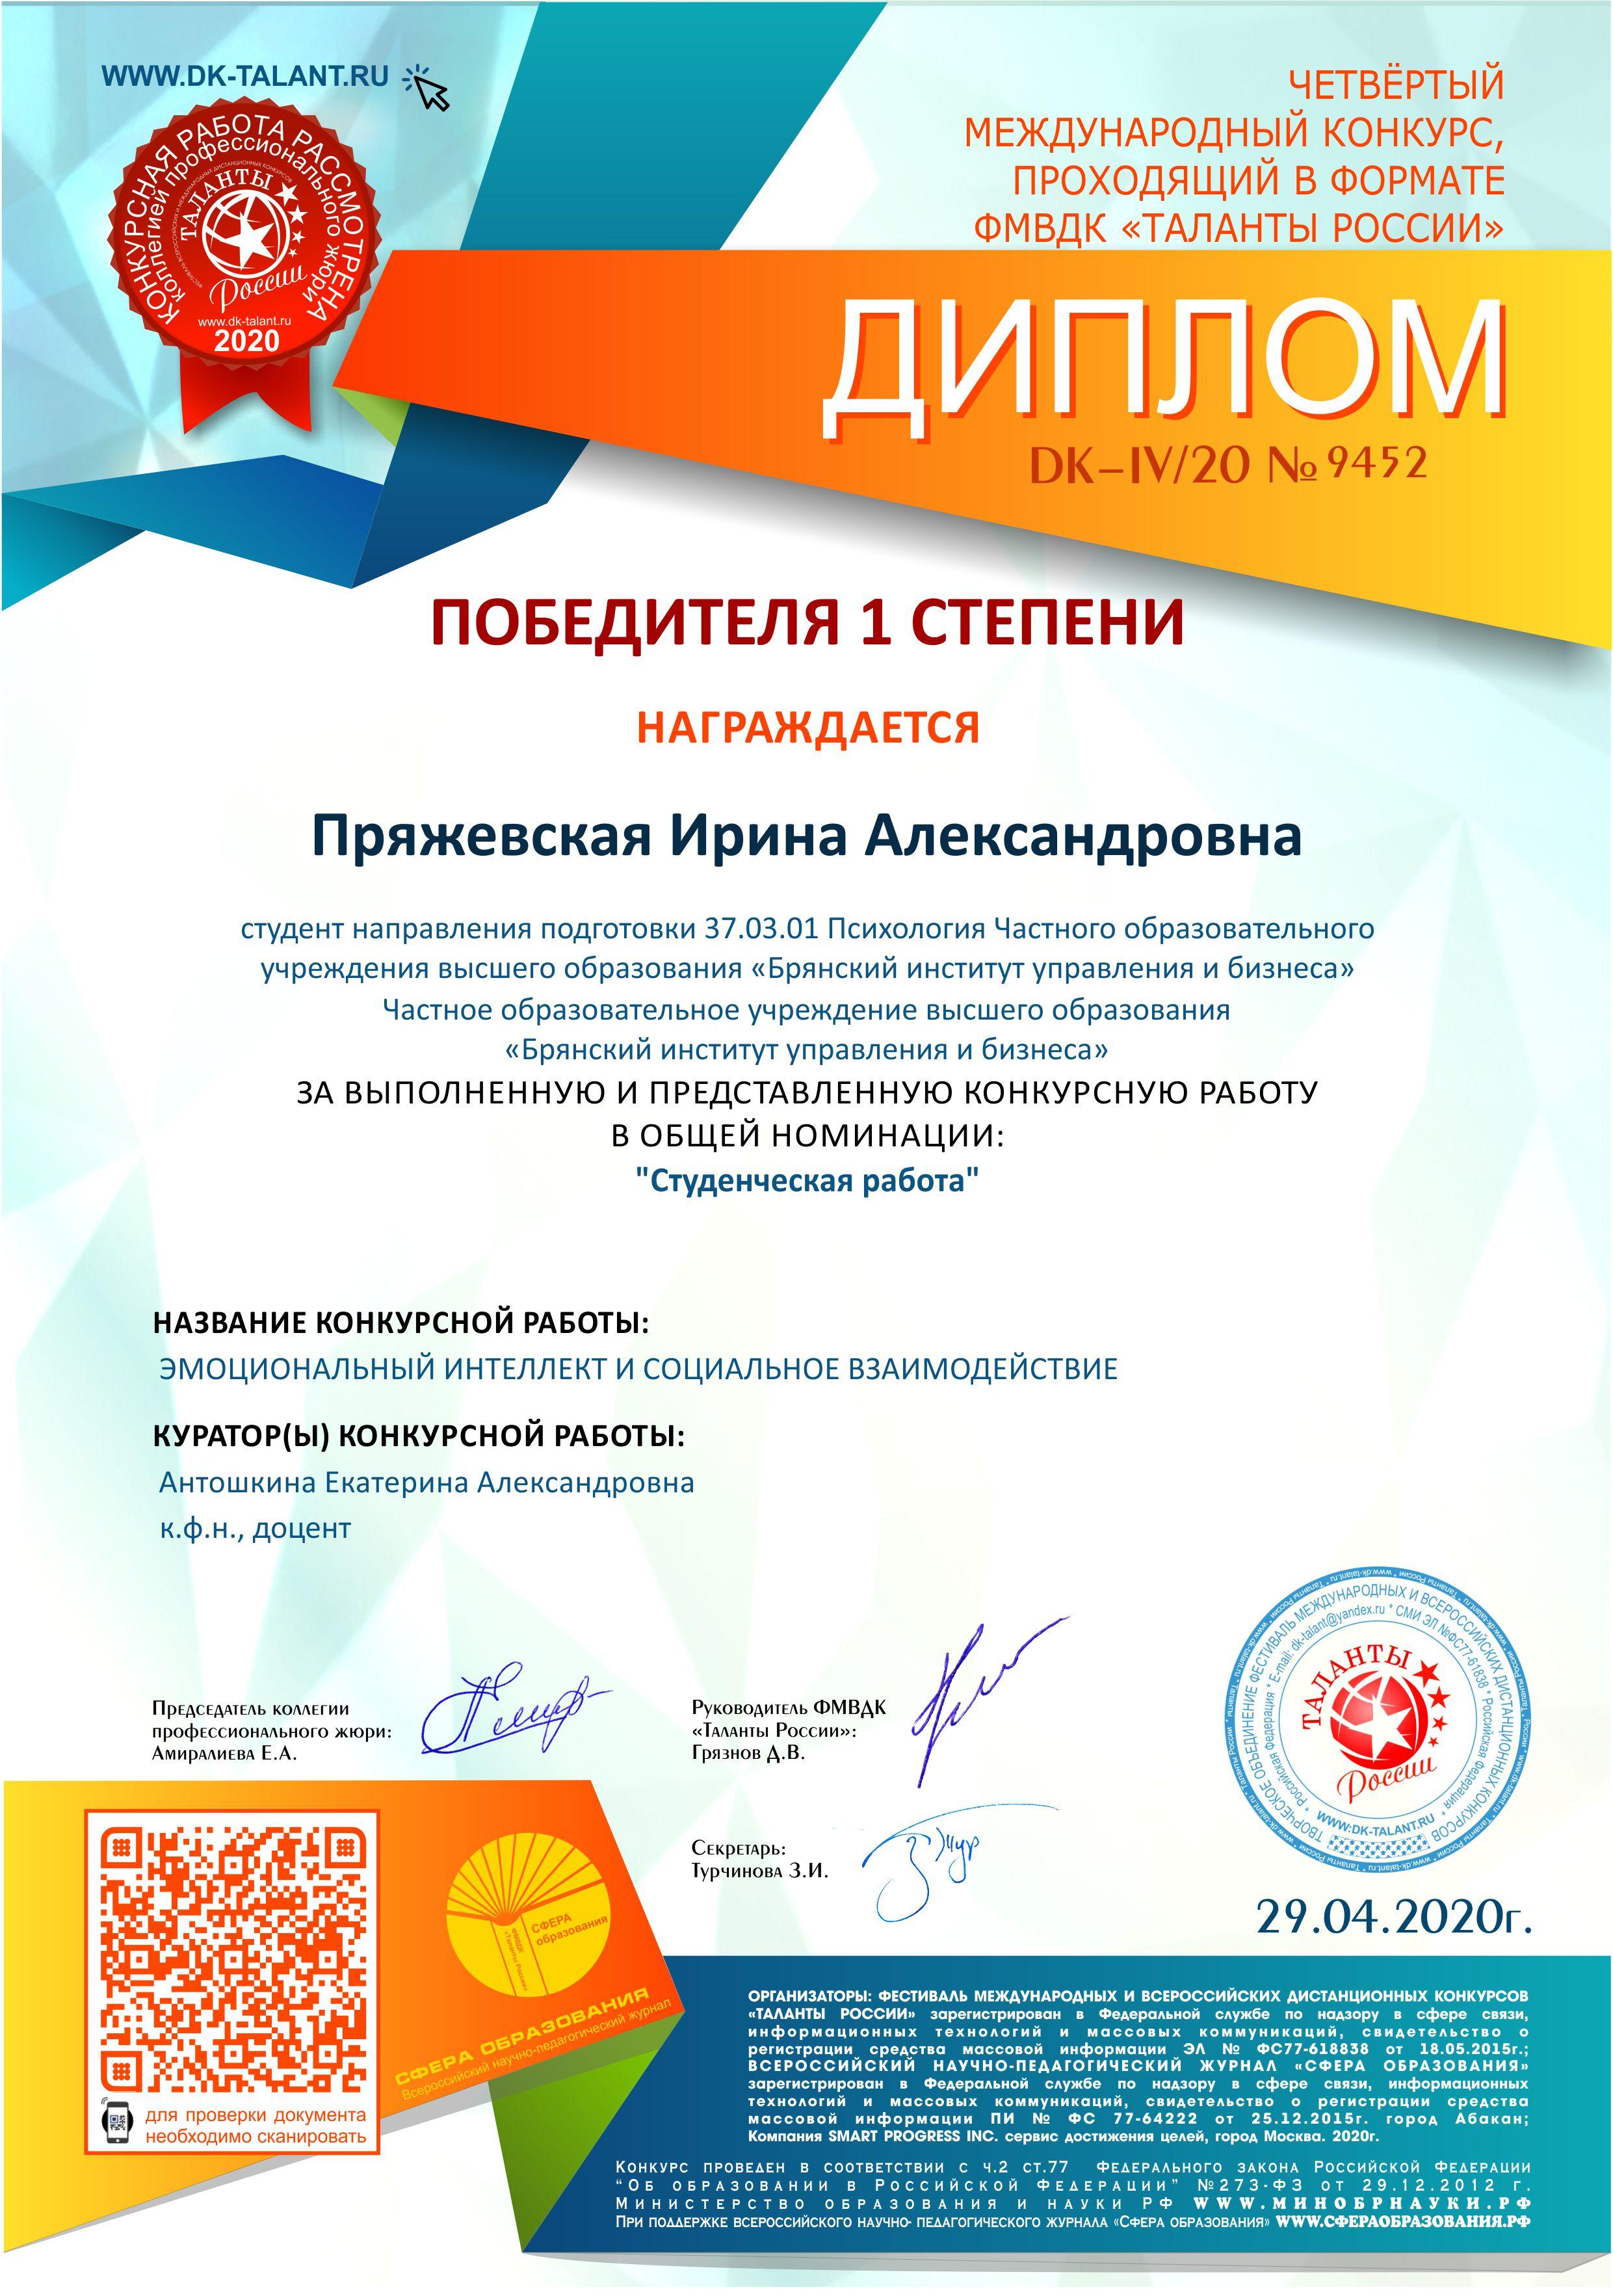 таланты россии официальный сайт международных и всесоюзных конкурсов рабочих, занятых стройке